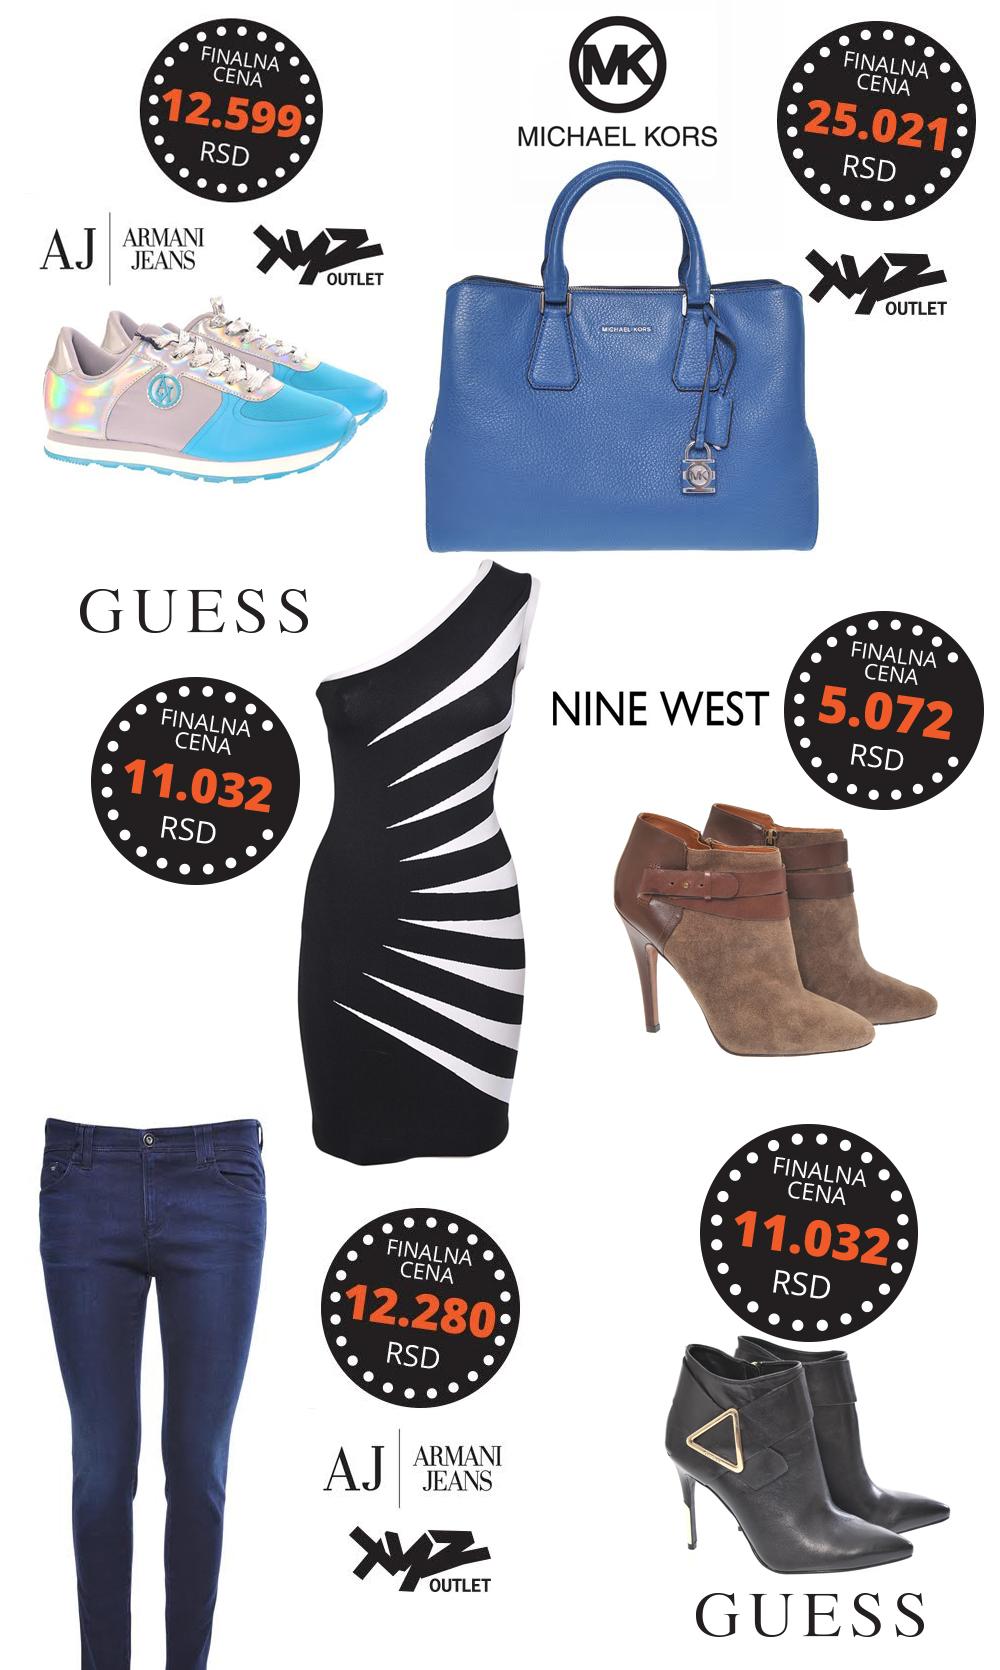 011 Petak baš kakav treba da bude: Grazia Shopping Night u Fashion Parku!